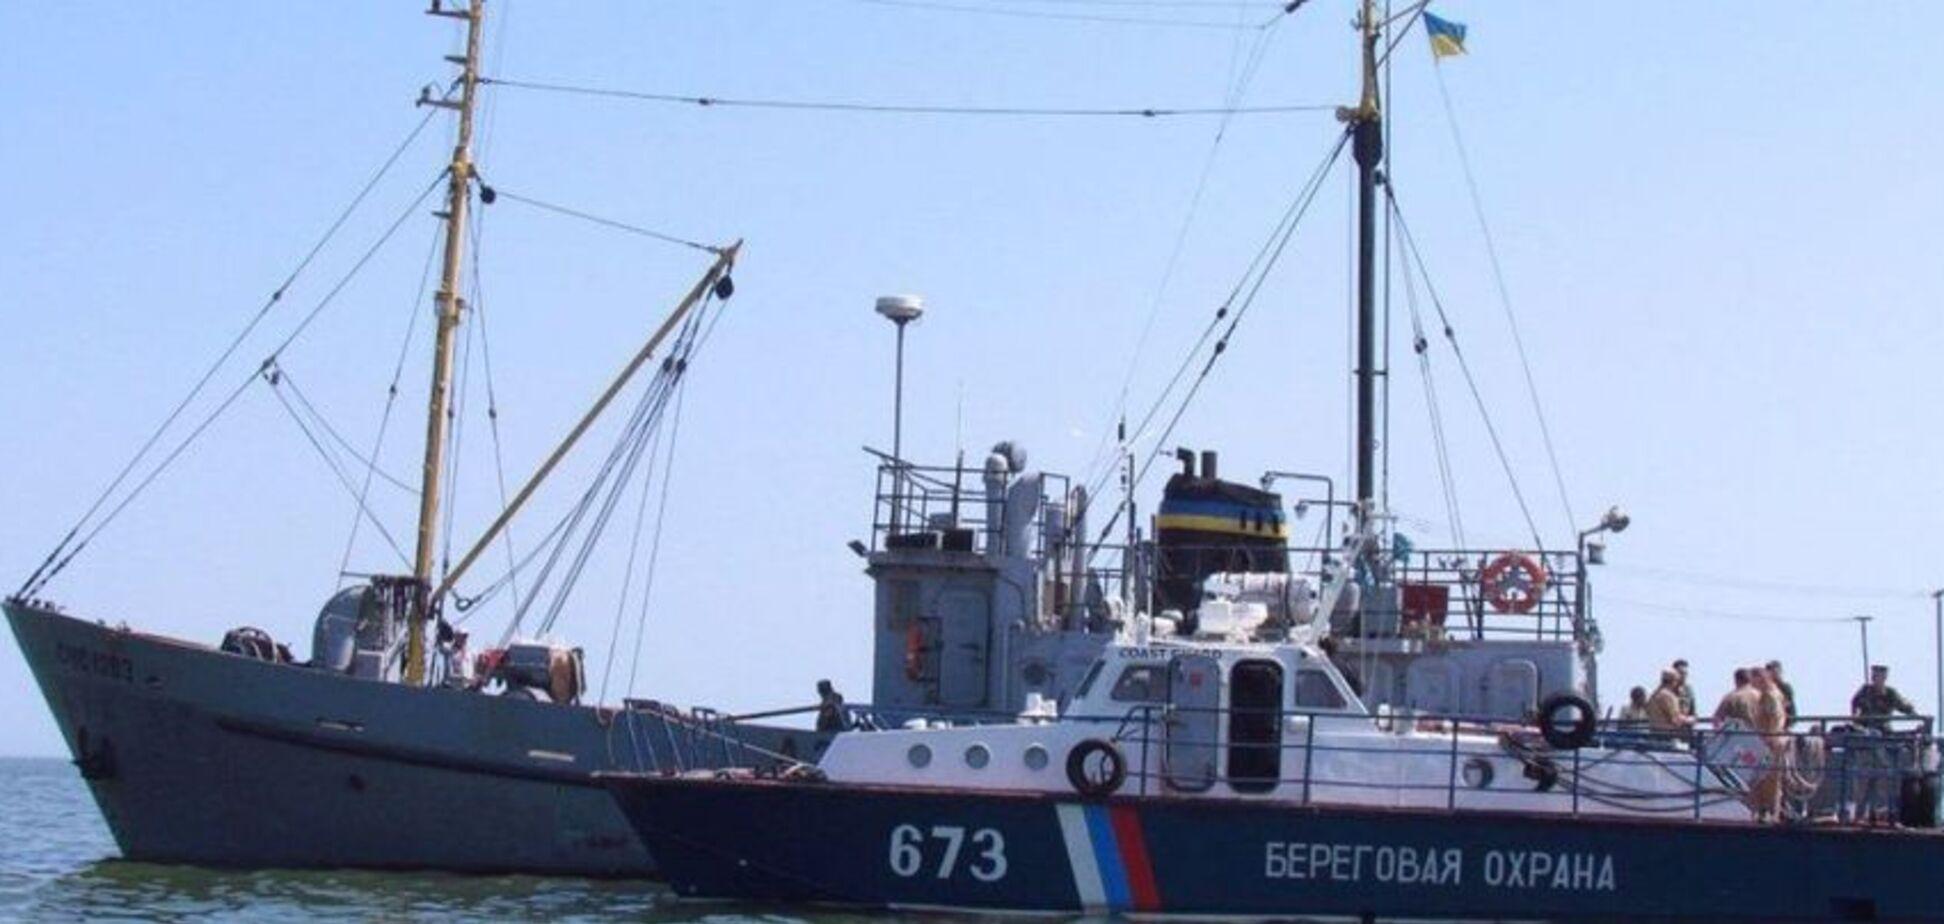 Криза в Азовському морі: ФСБ демонстративно затримує судна